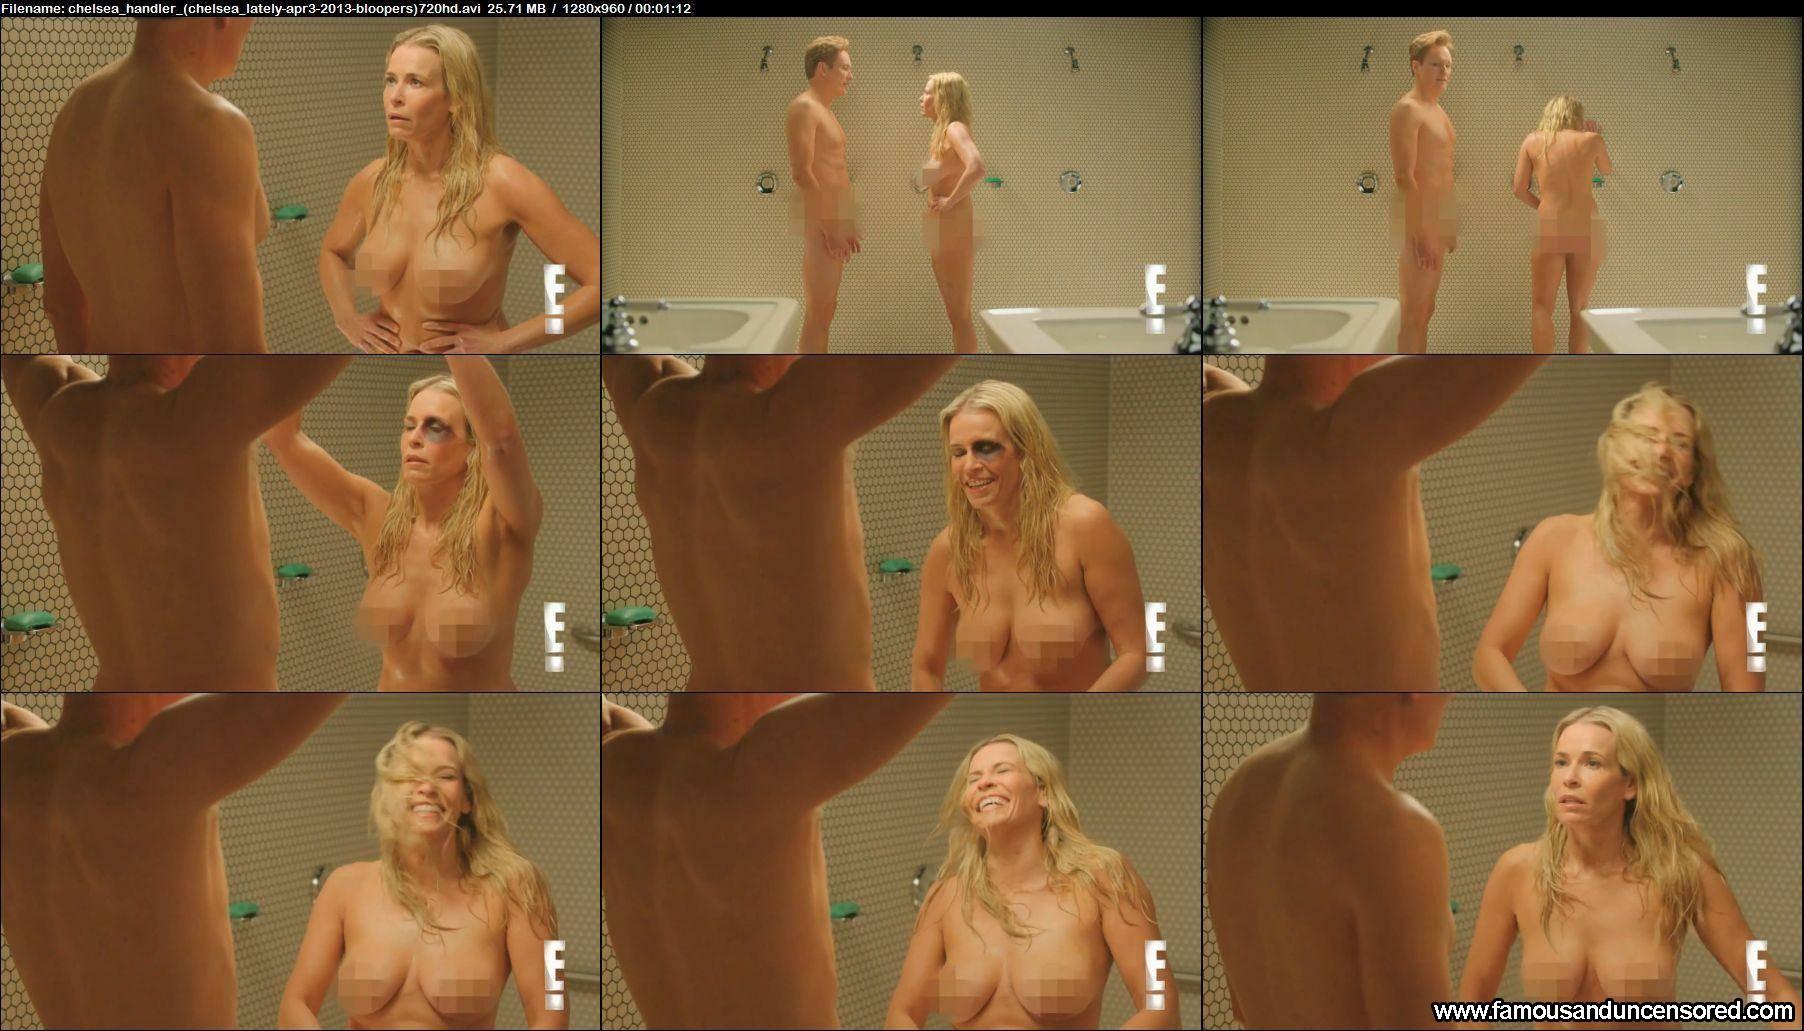 Chelsea handler poses nude